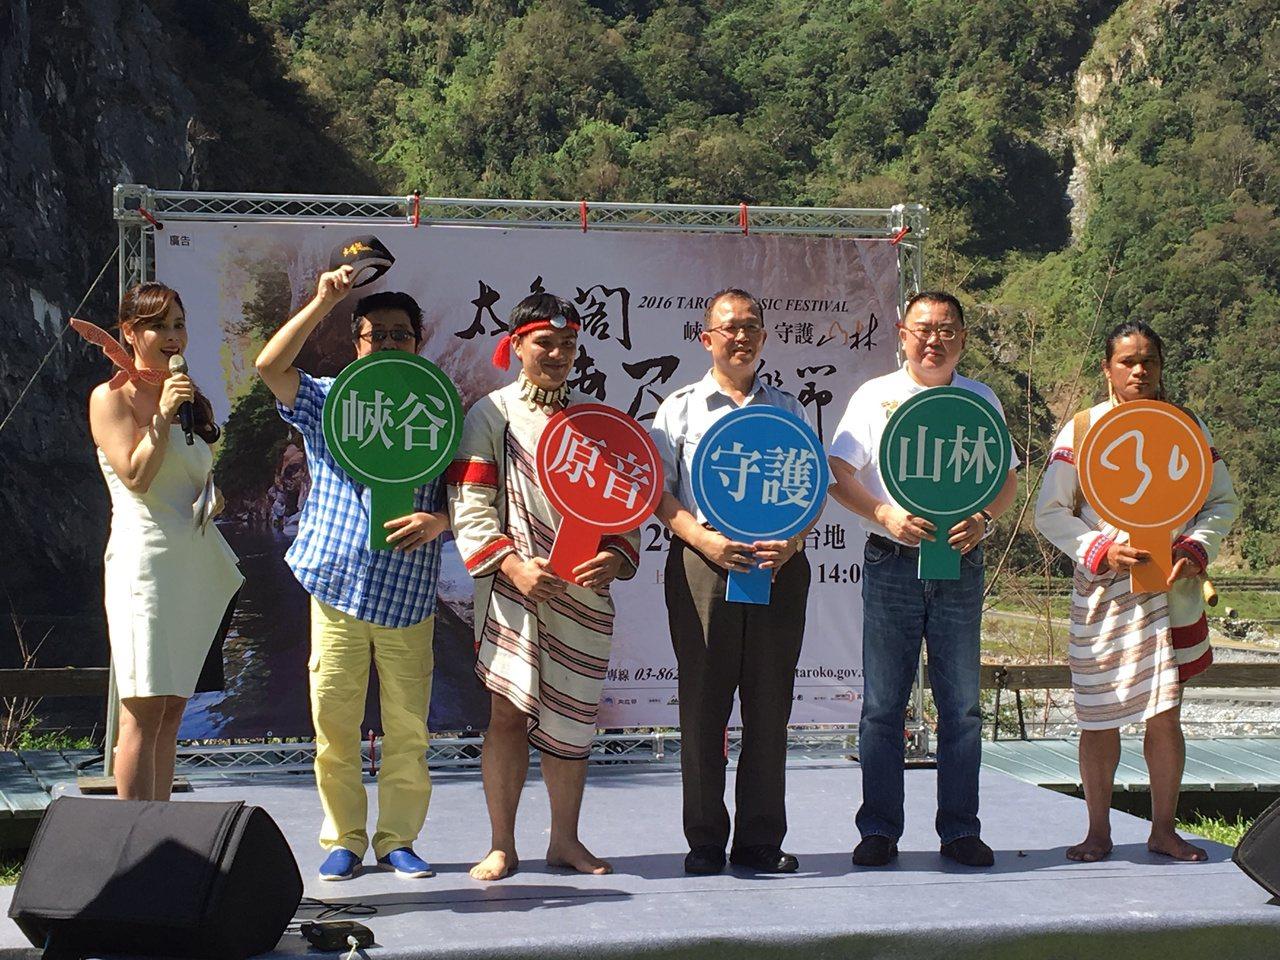 太魯閣峽谷音樂節將於10月29日在太魯閣台地登場,今天上午舉辦記者會。記者徐庭揚...